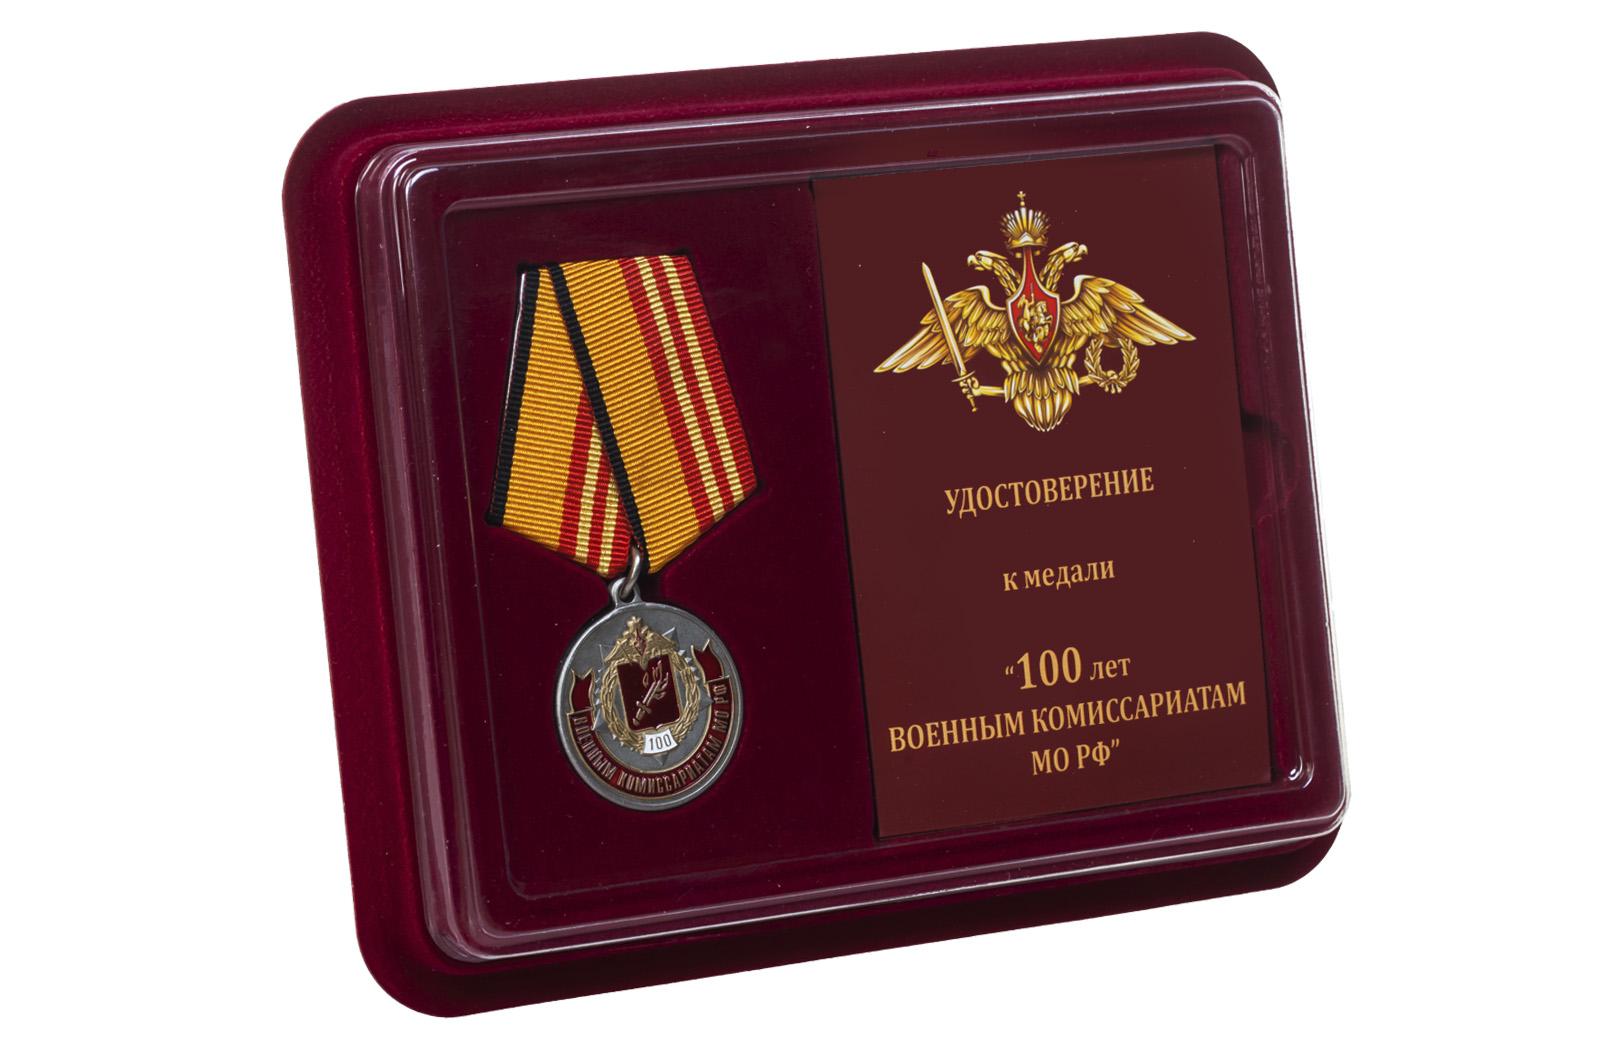 Юбилейная медаль 100 лет Военным комиссариатам МО РФ - в футляре с удостоверением